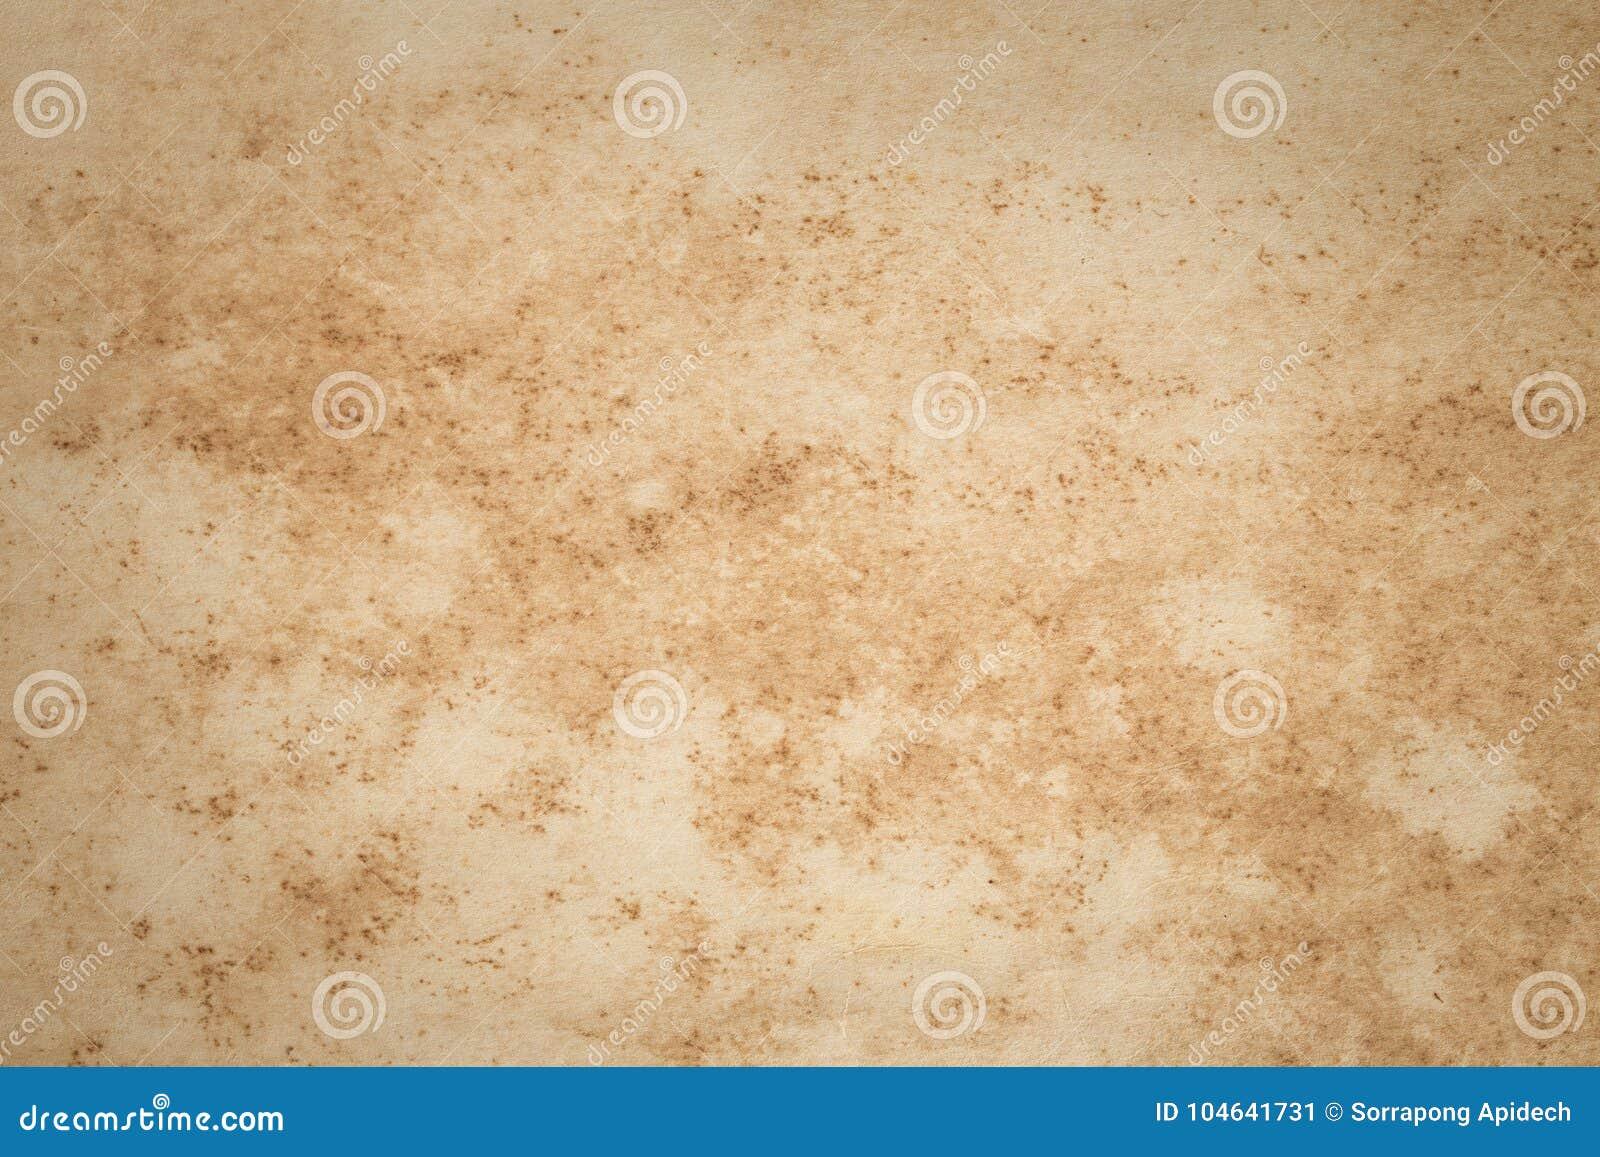 Download Het Uitstekende Pakpapier Met Rimpels, Vat Oude Document Texturen FO Samen Stock Afbeelding - Afbeelding bestaande uit patroon, antiquiteit: 104641731